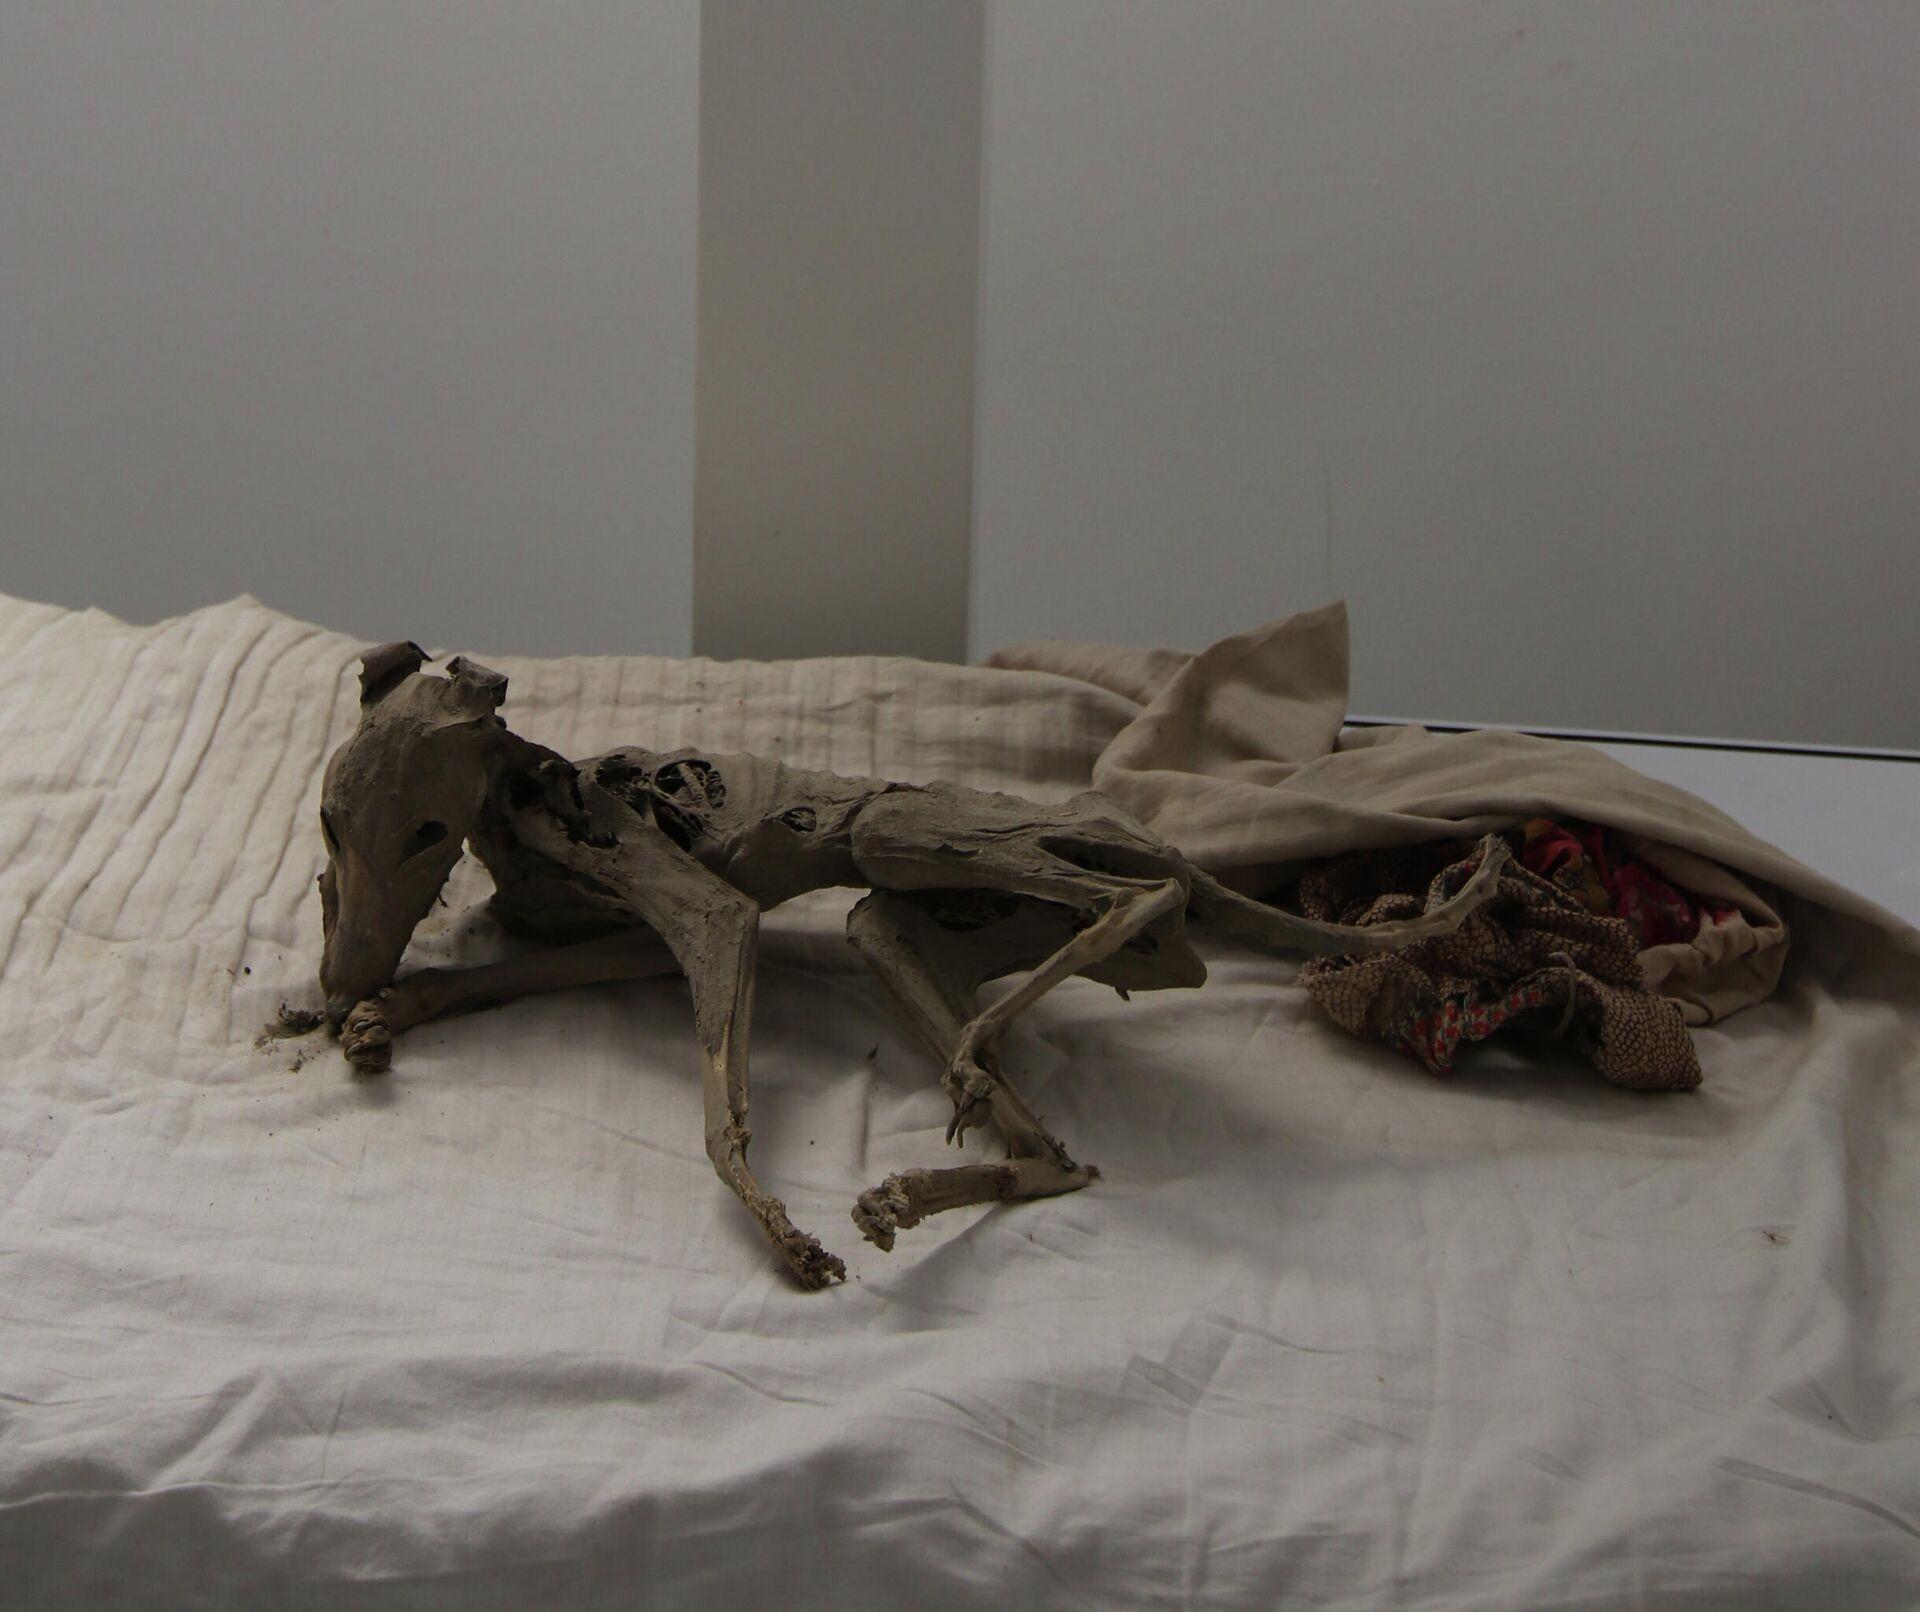 Останки мумифицированной собаки из Хисорака - Sputnik Таджикистан, 1920, 09.08.2021